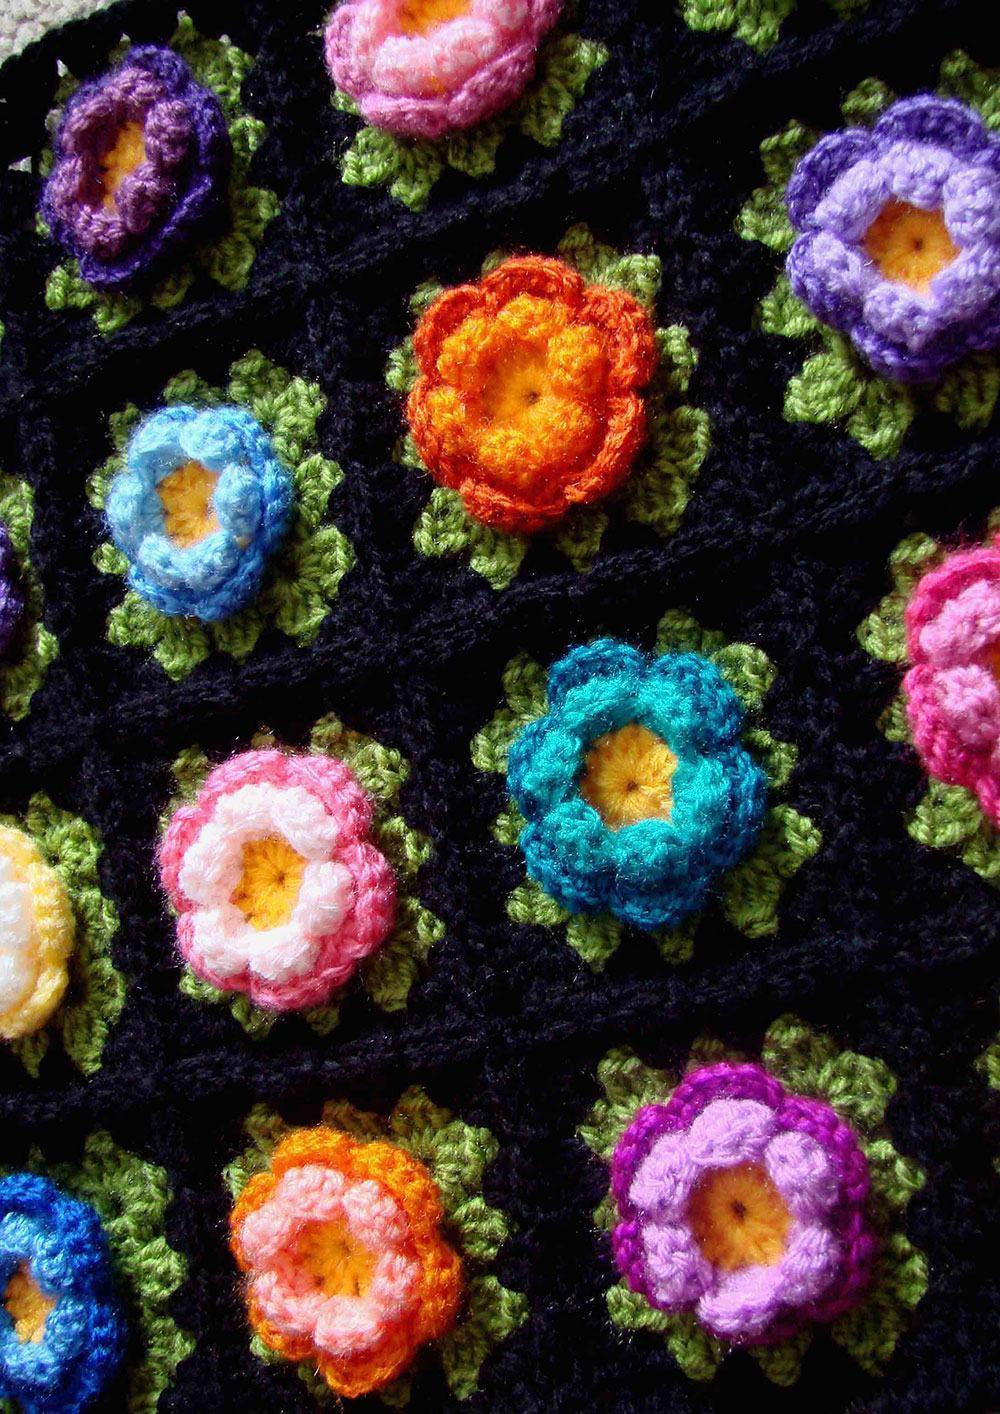 Flores coloridas em crochê preto